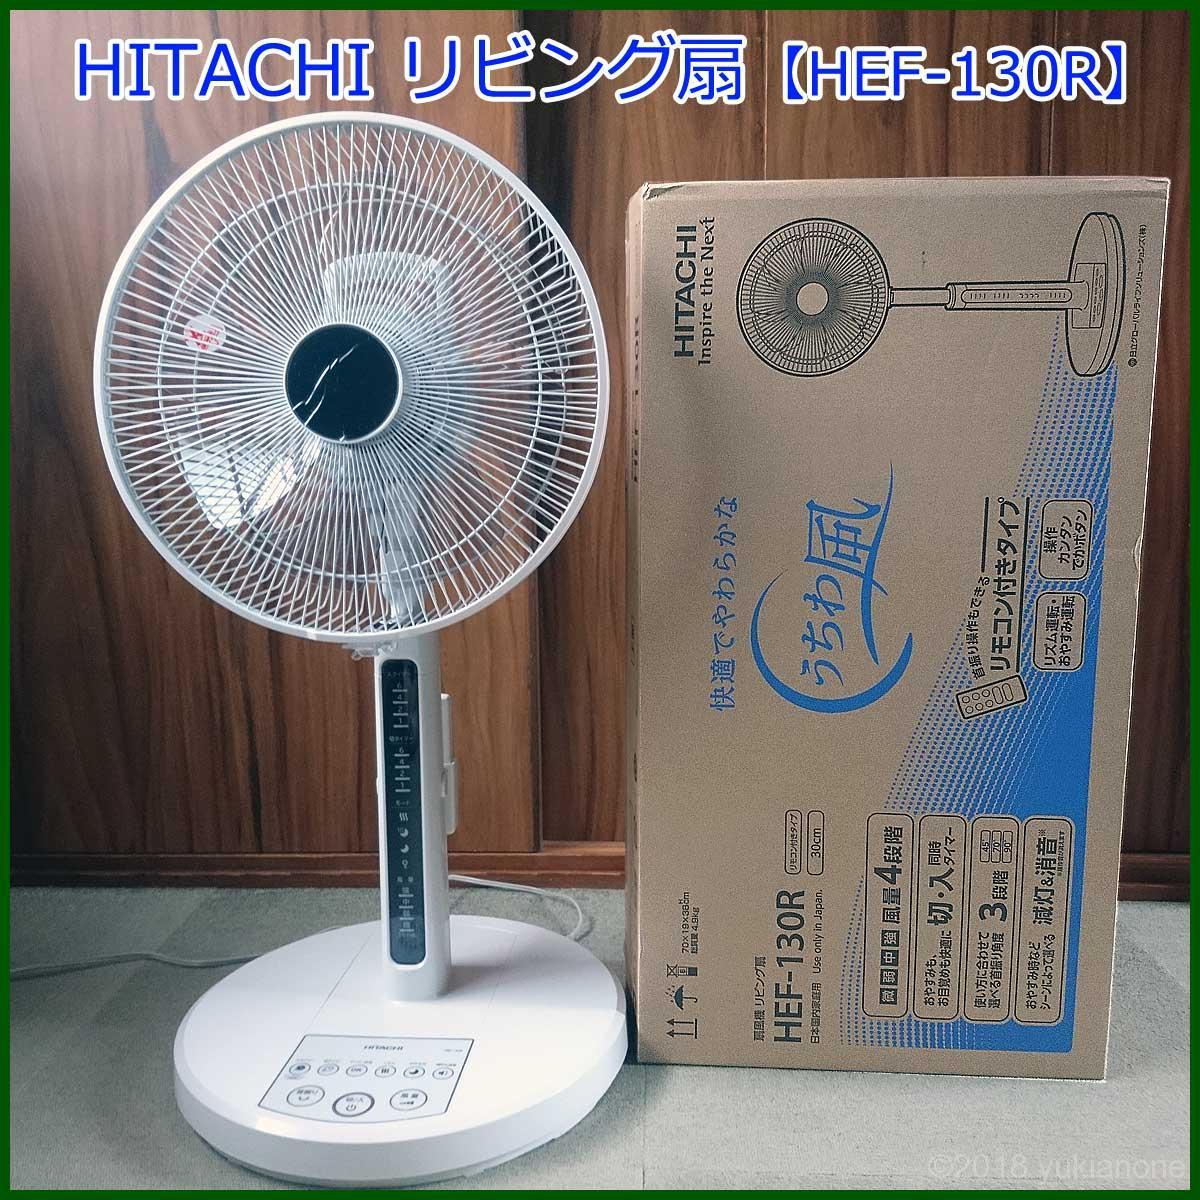 扇風機 リビング扇 HITACHI HEF-130R